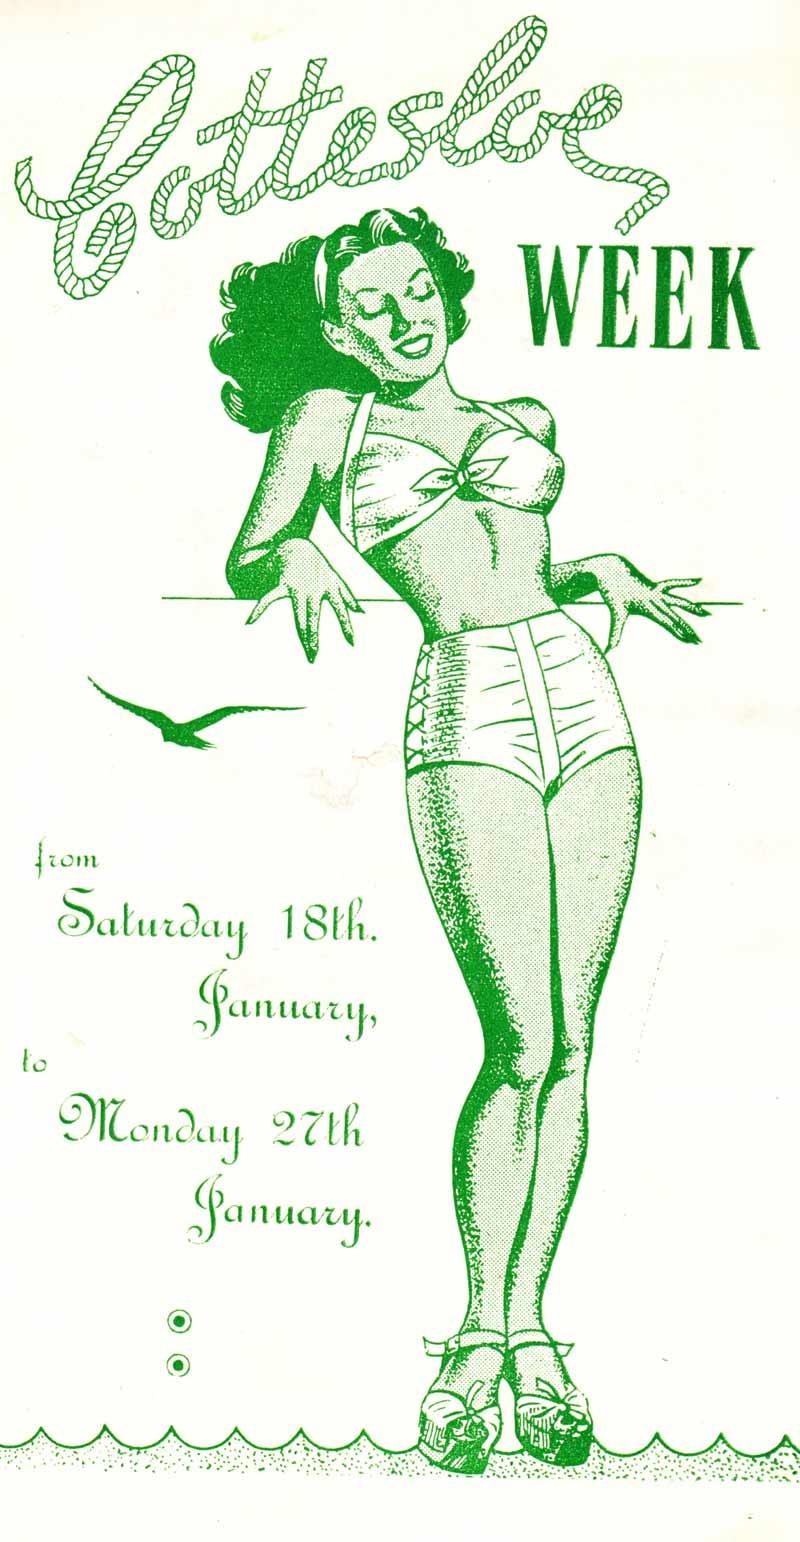 Cottesloe Week 1947